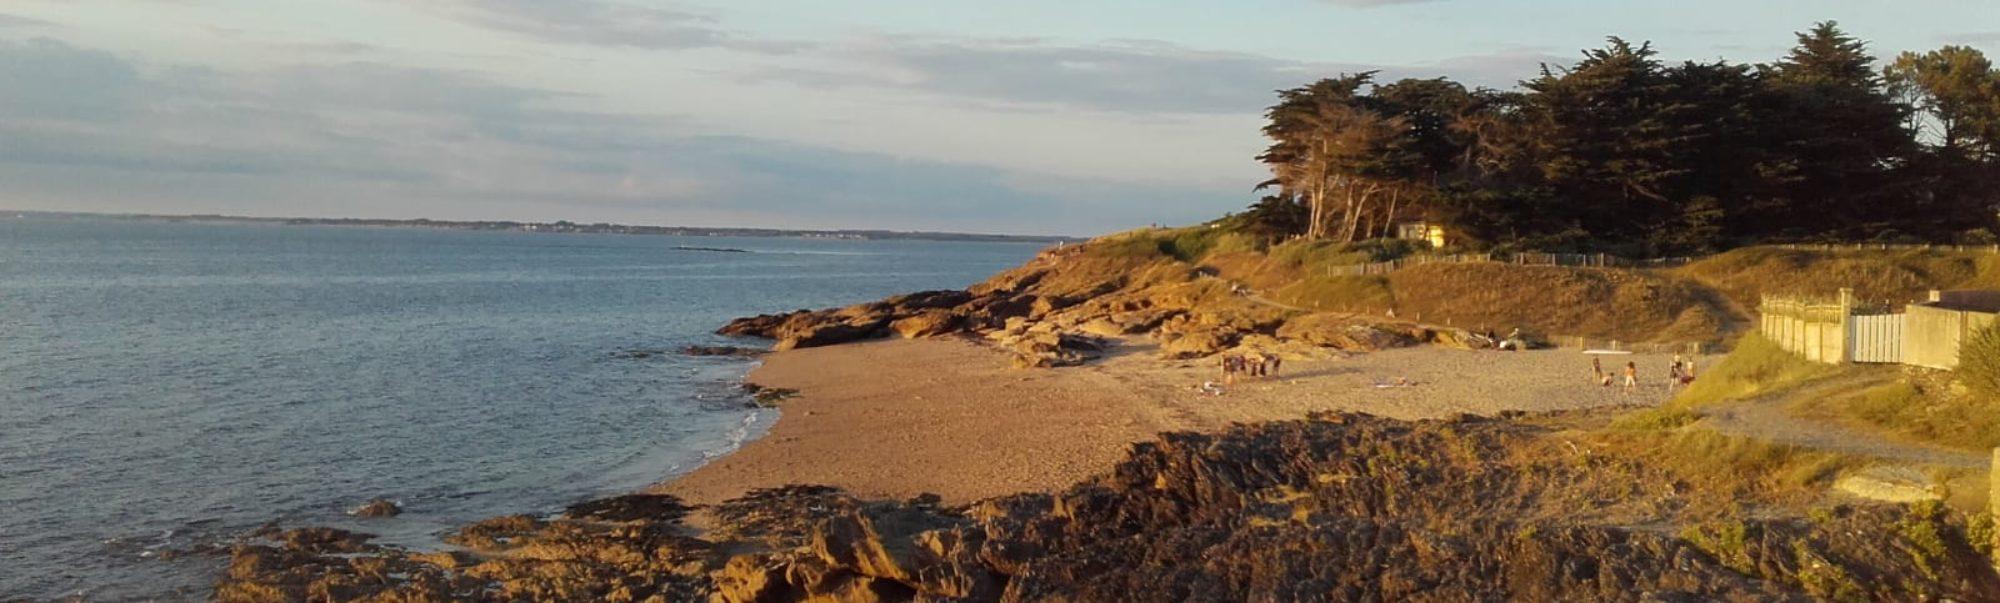 Camping les Amis de la Nature Piriac sur Mer 44